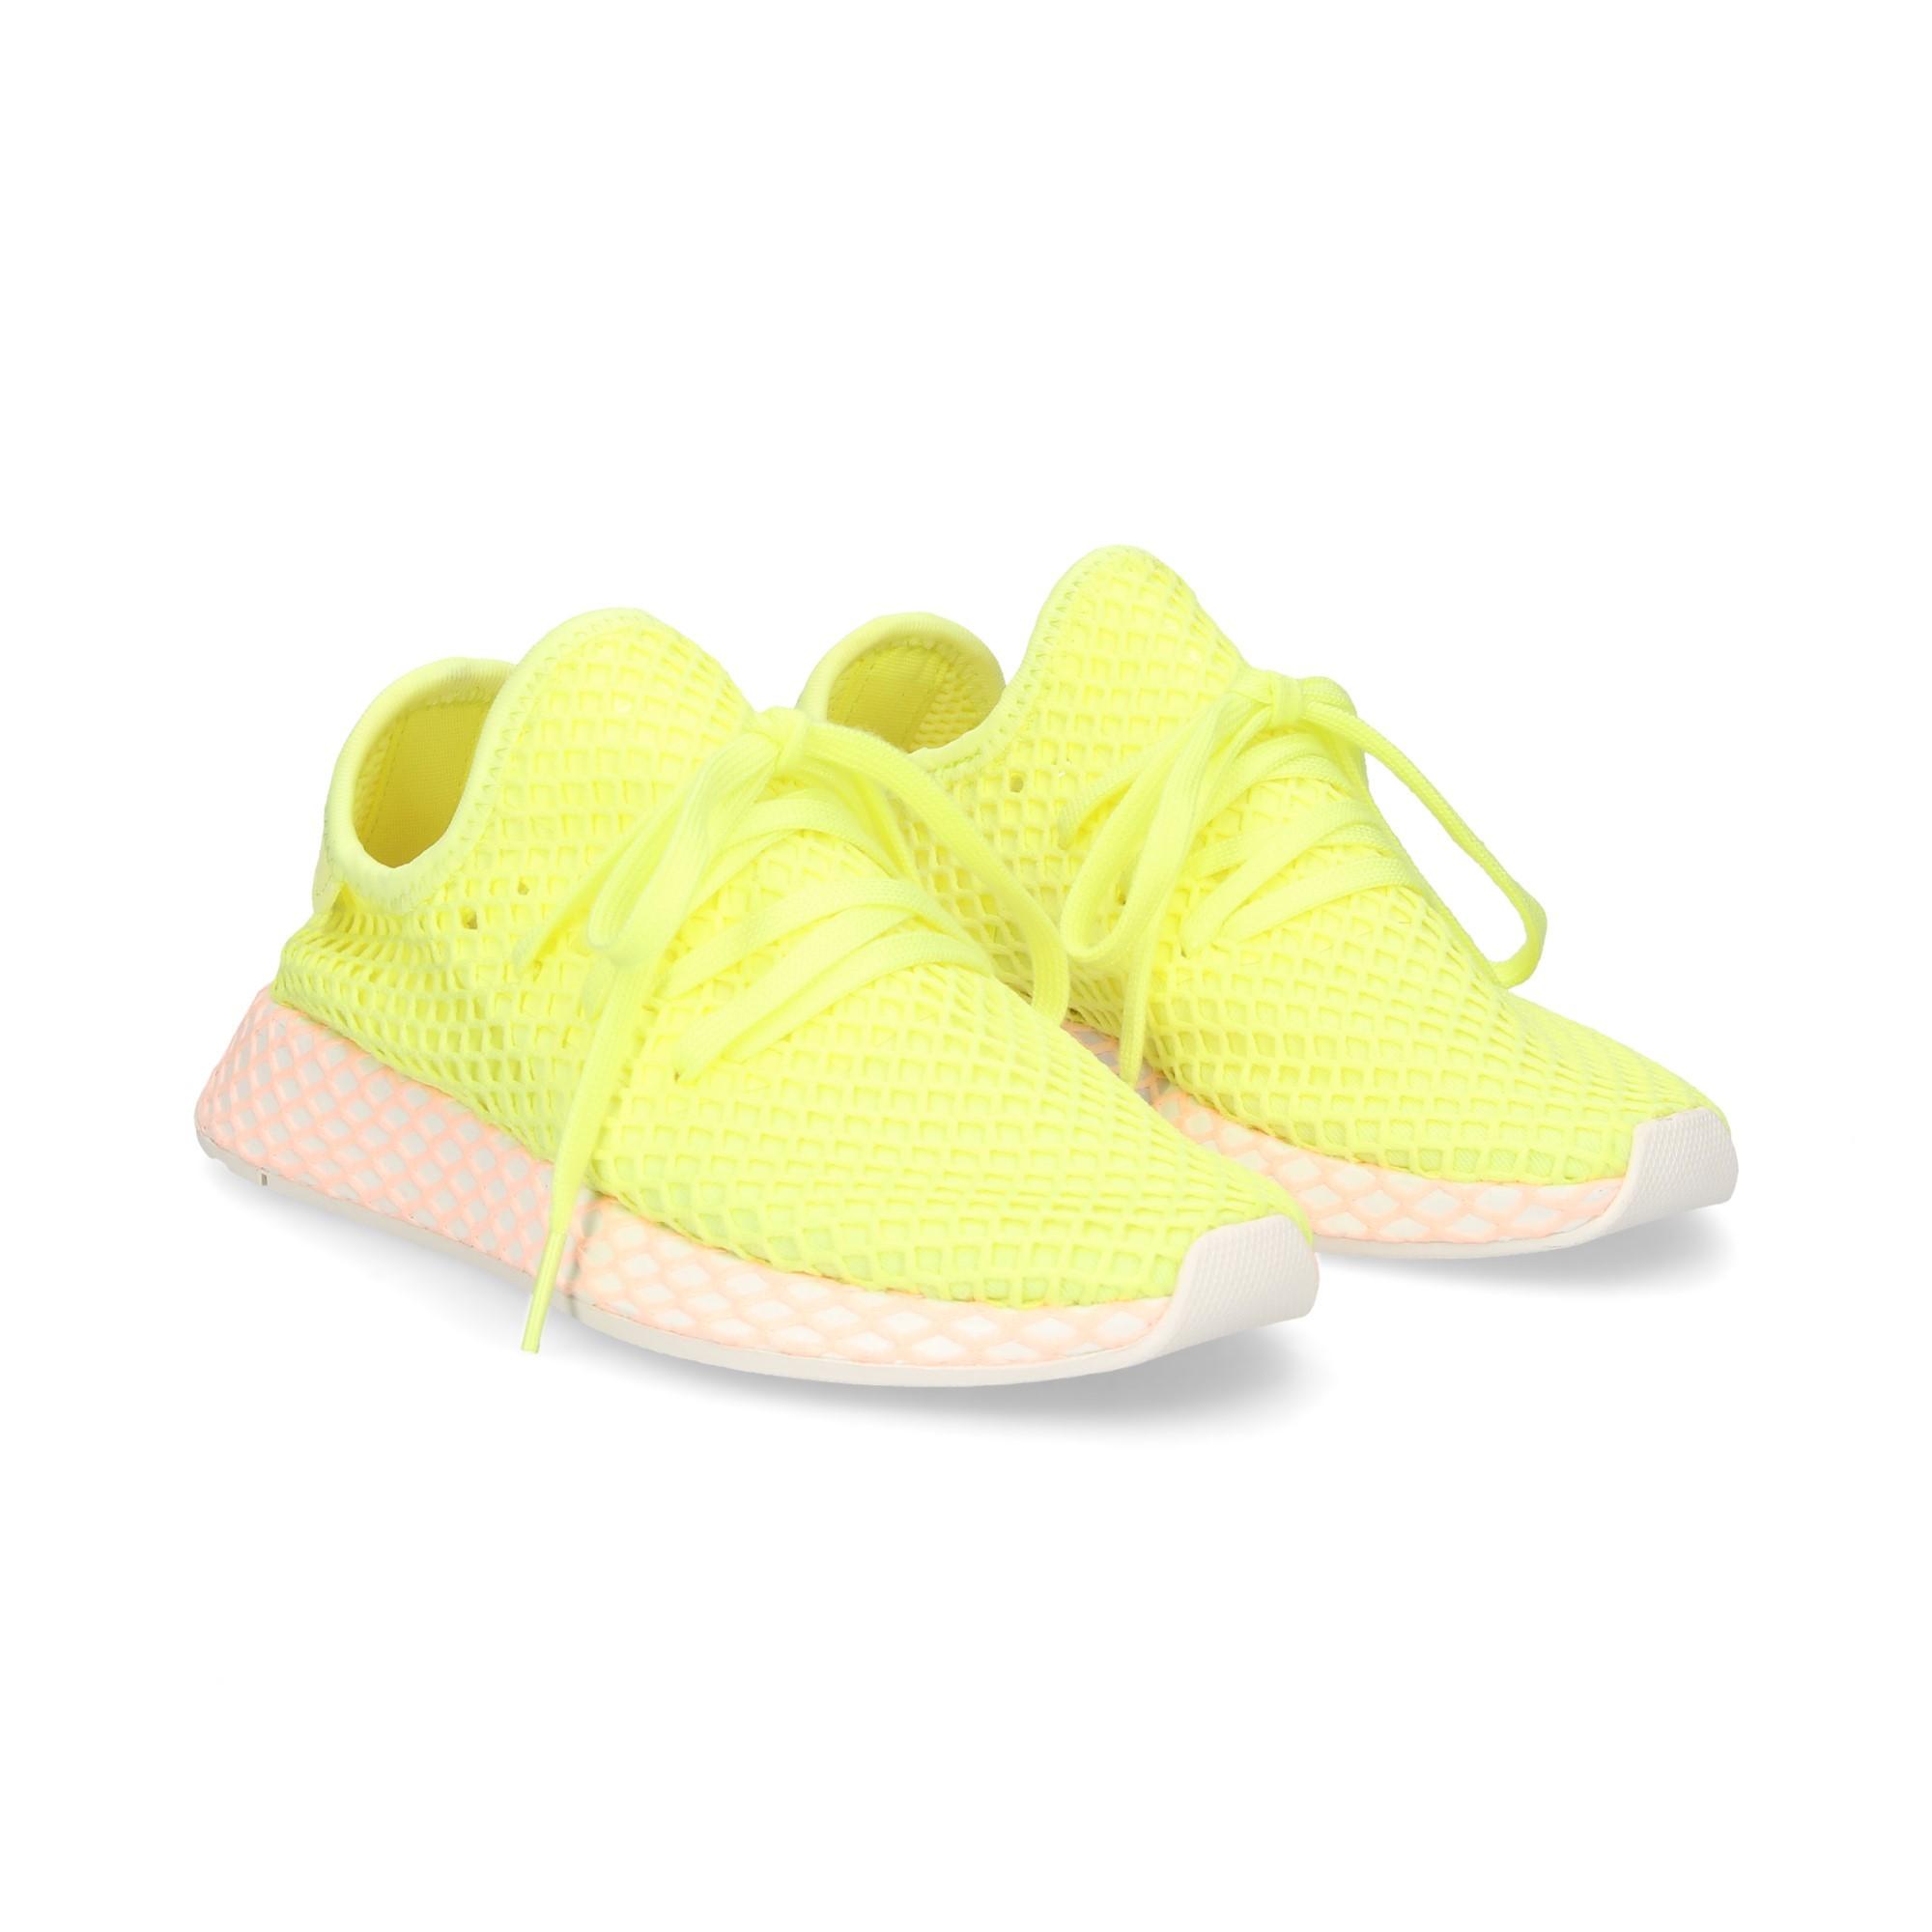 best sneakers a2652 a7787 ... deportivo-malla-amarillo ...